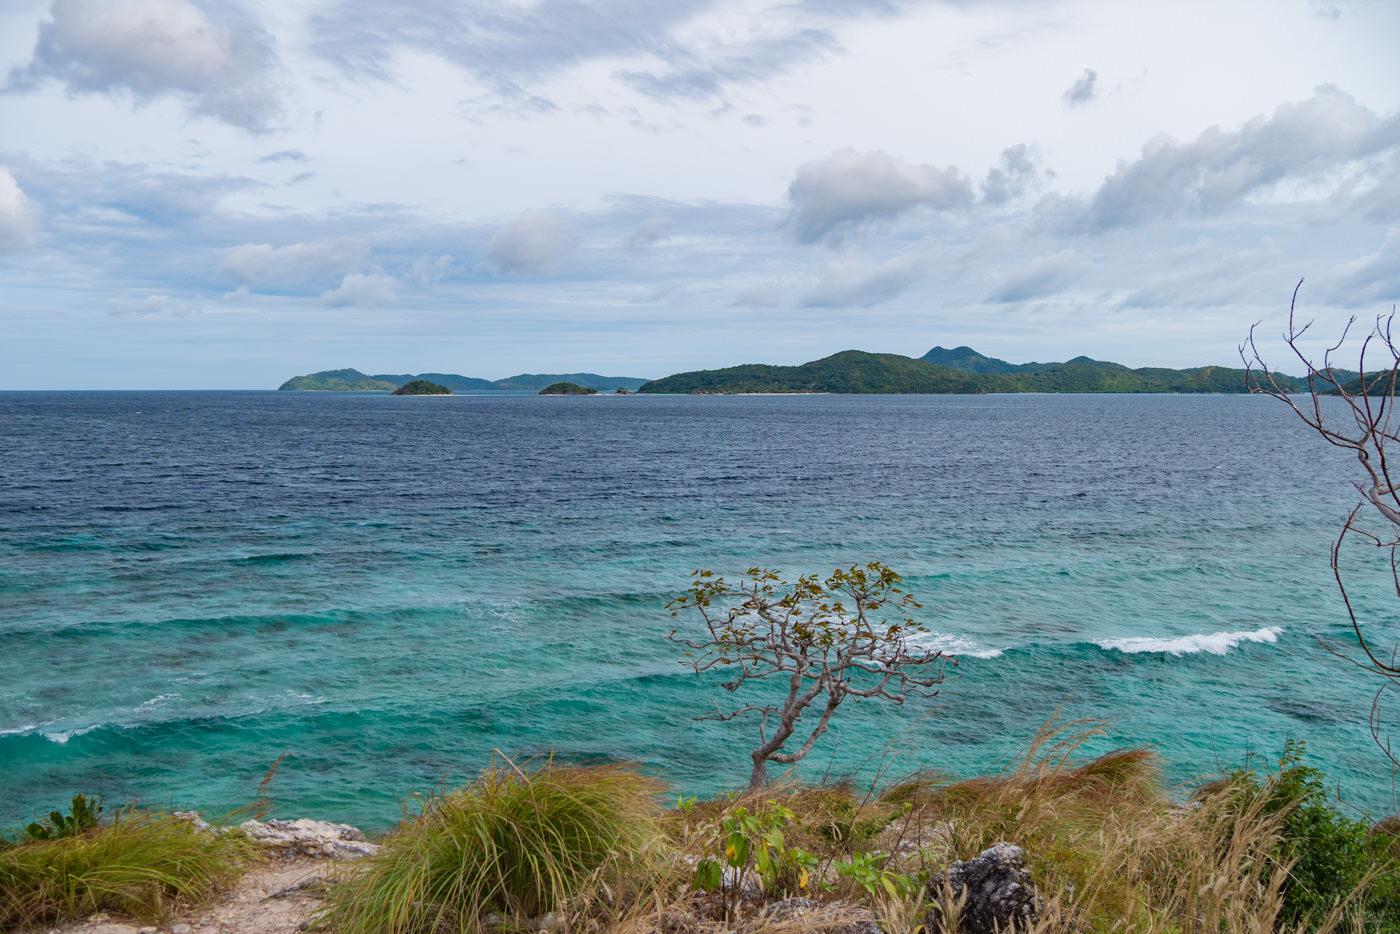 Blick auf das Meer vor Malcapuya Island auf den Philippinen